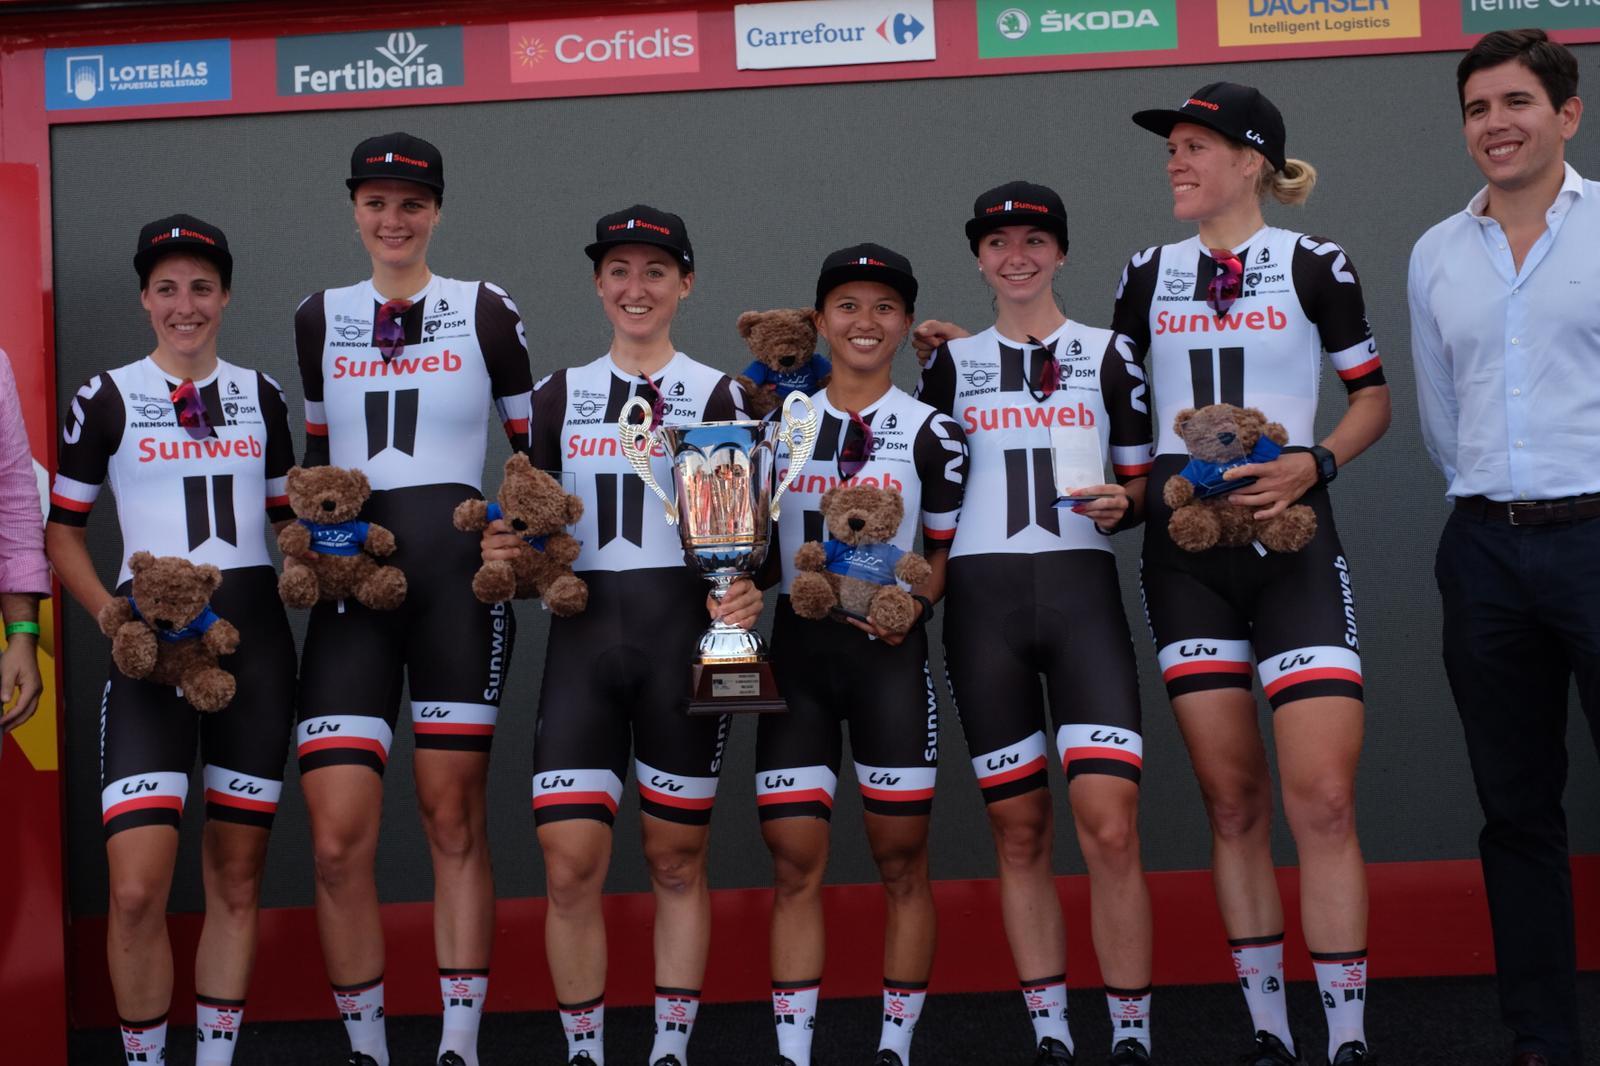 Il Team Sunweb vince la prima prova, la cronosquadre, della Madrid Challenge by La Vuelta